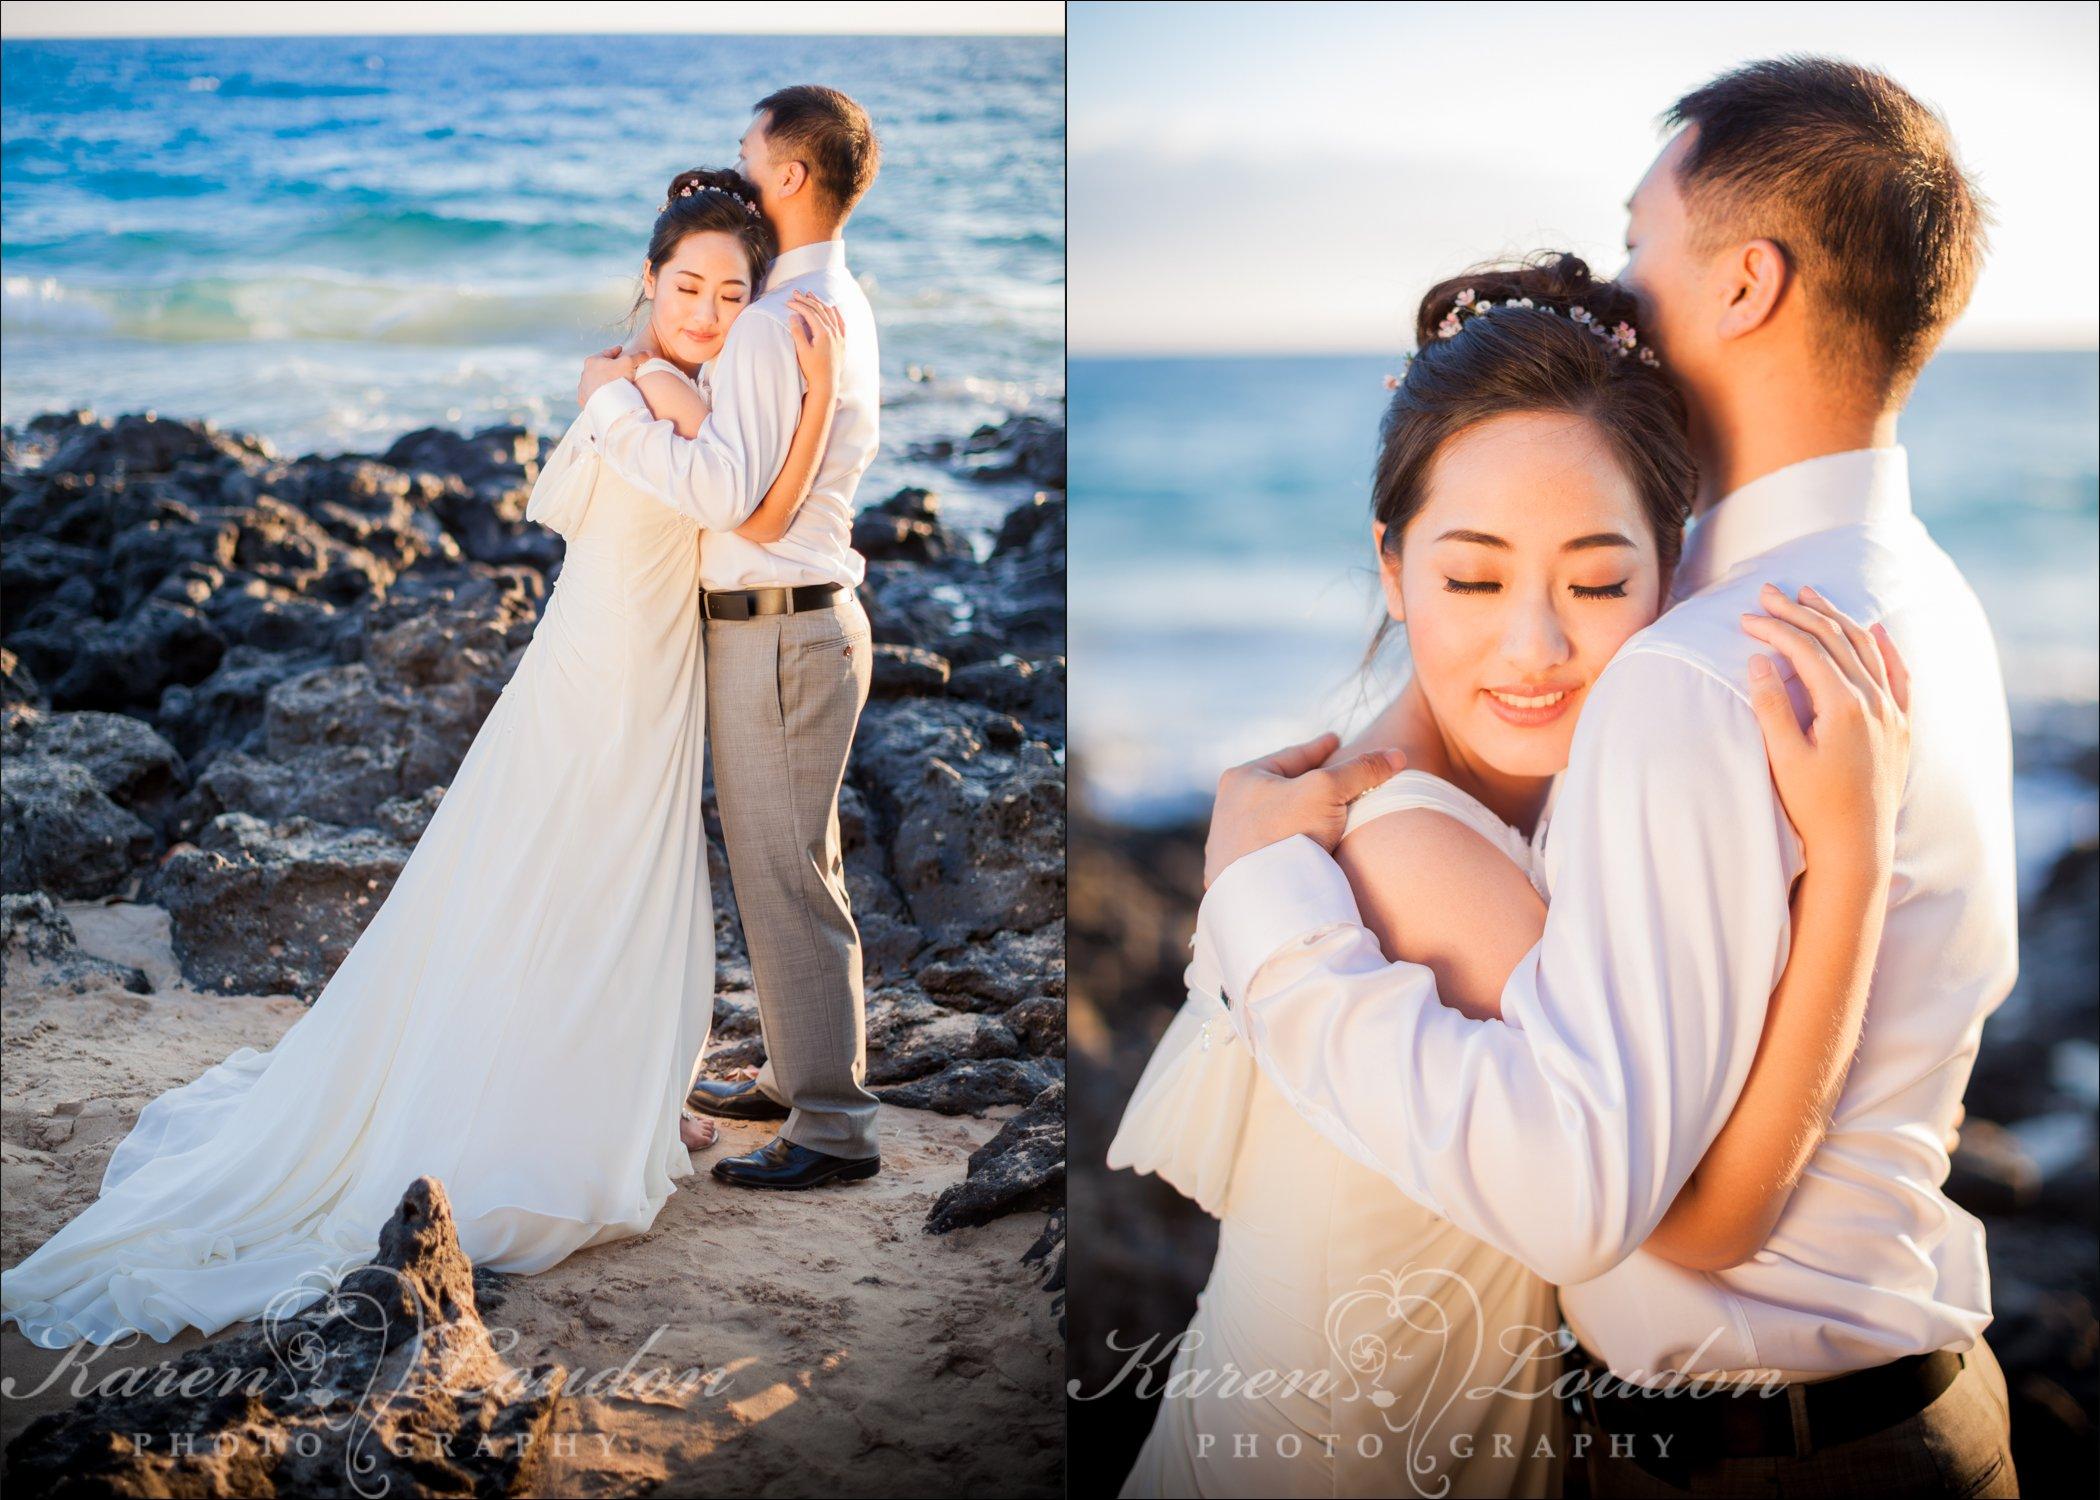 Big Island Hawaii Wedding photos